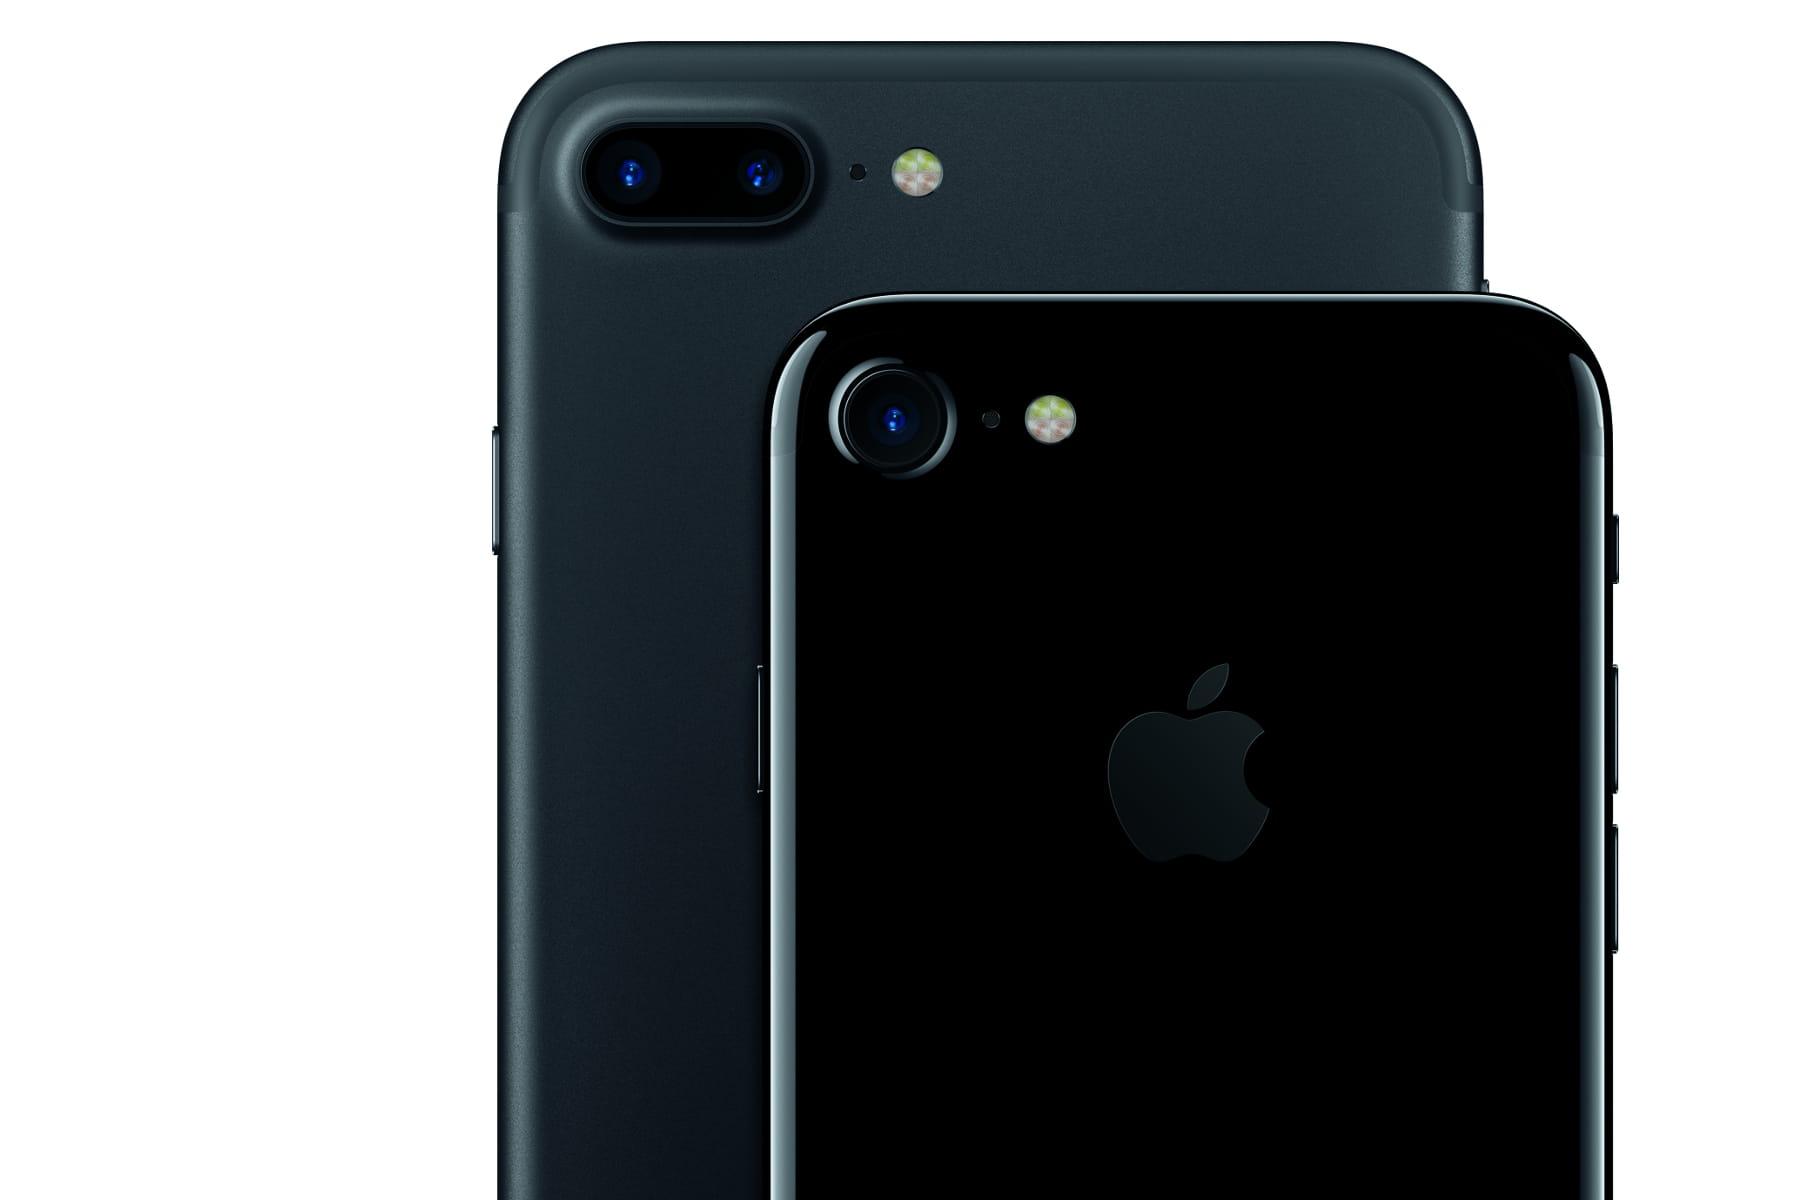 iphone 7 tout savoir sur le dernier smartphone apple prix fiche technique linternaute. Black Bedroom Furniture Sets. Home Design Ideas